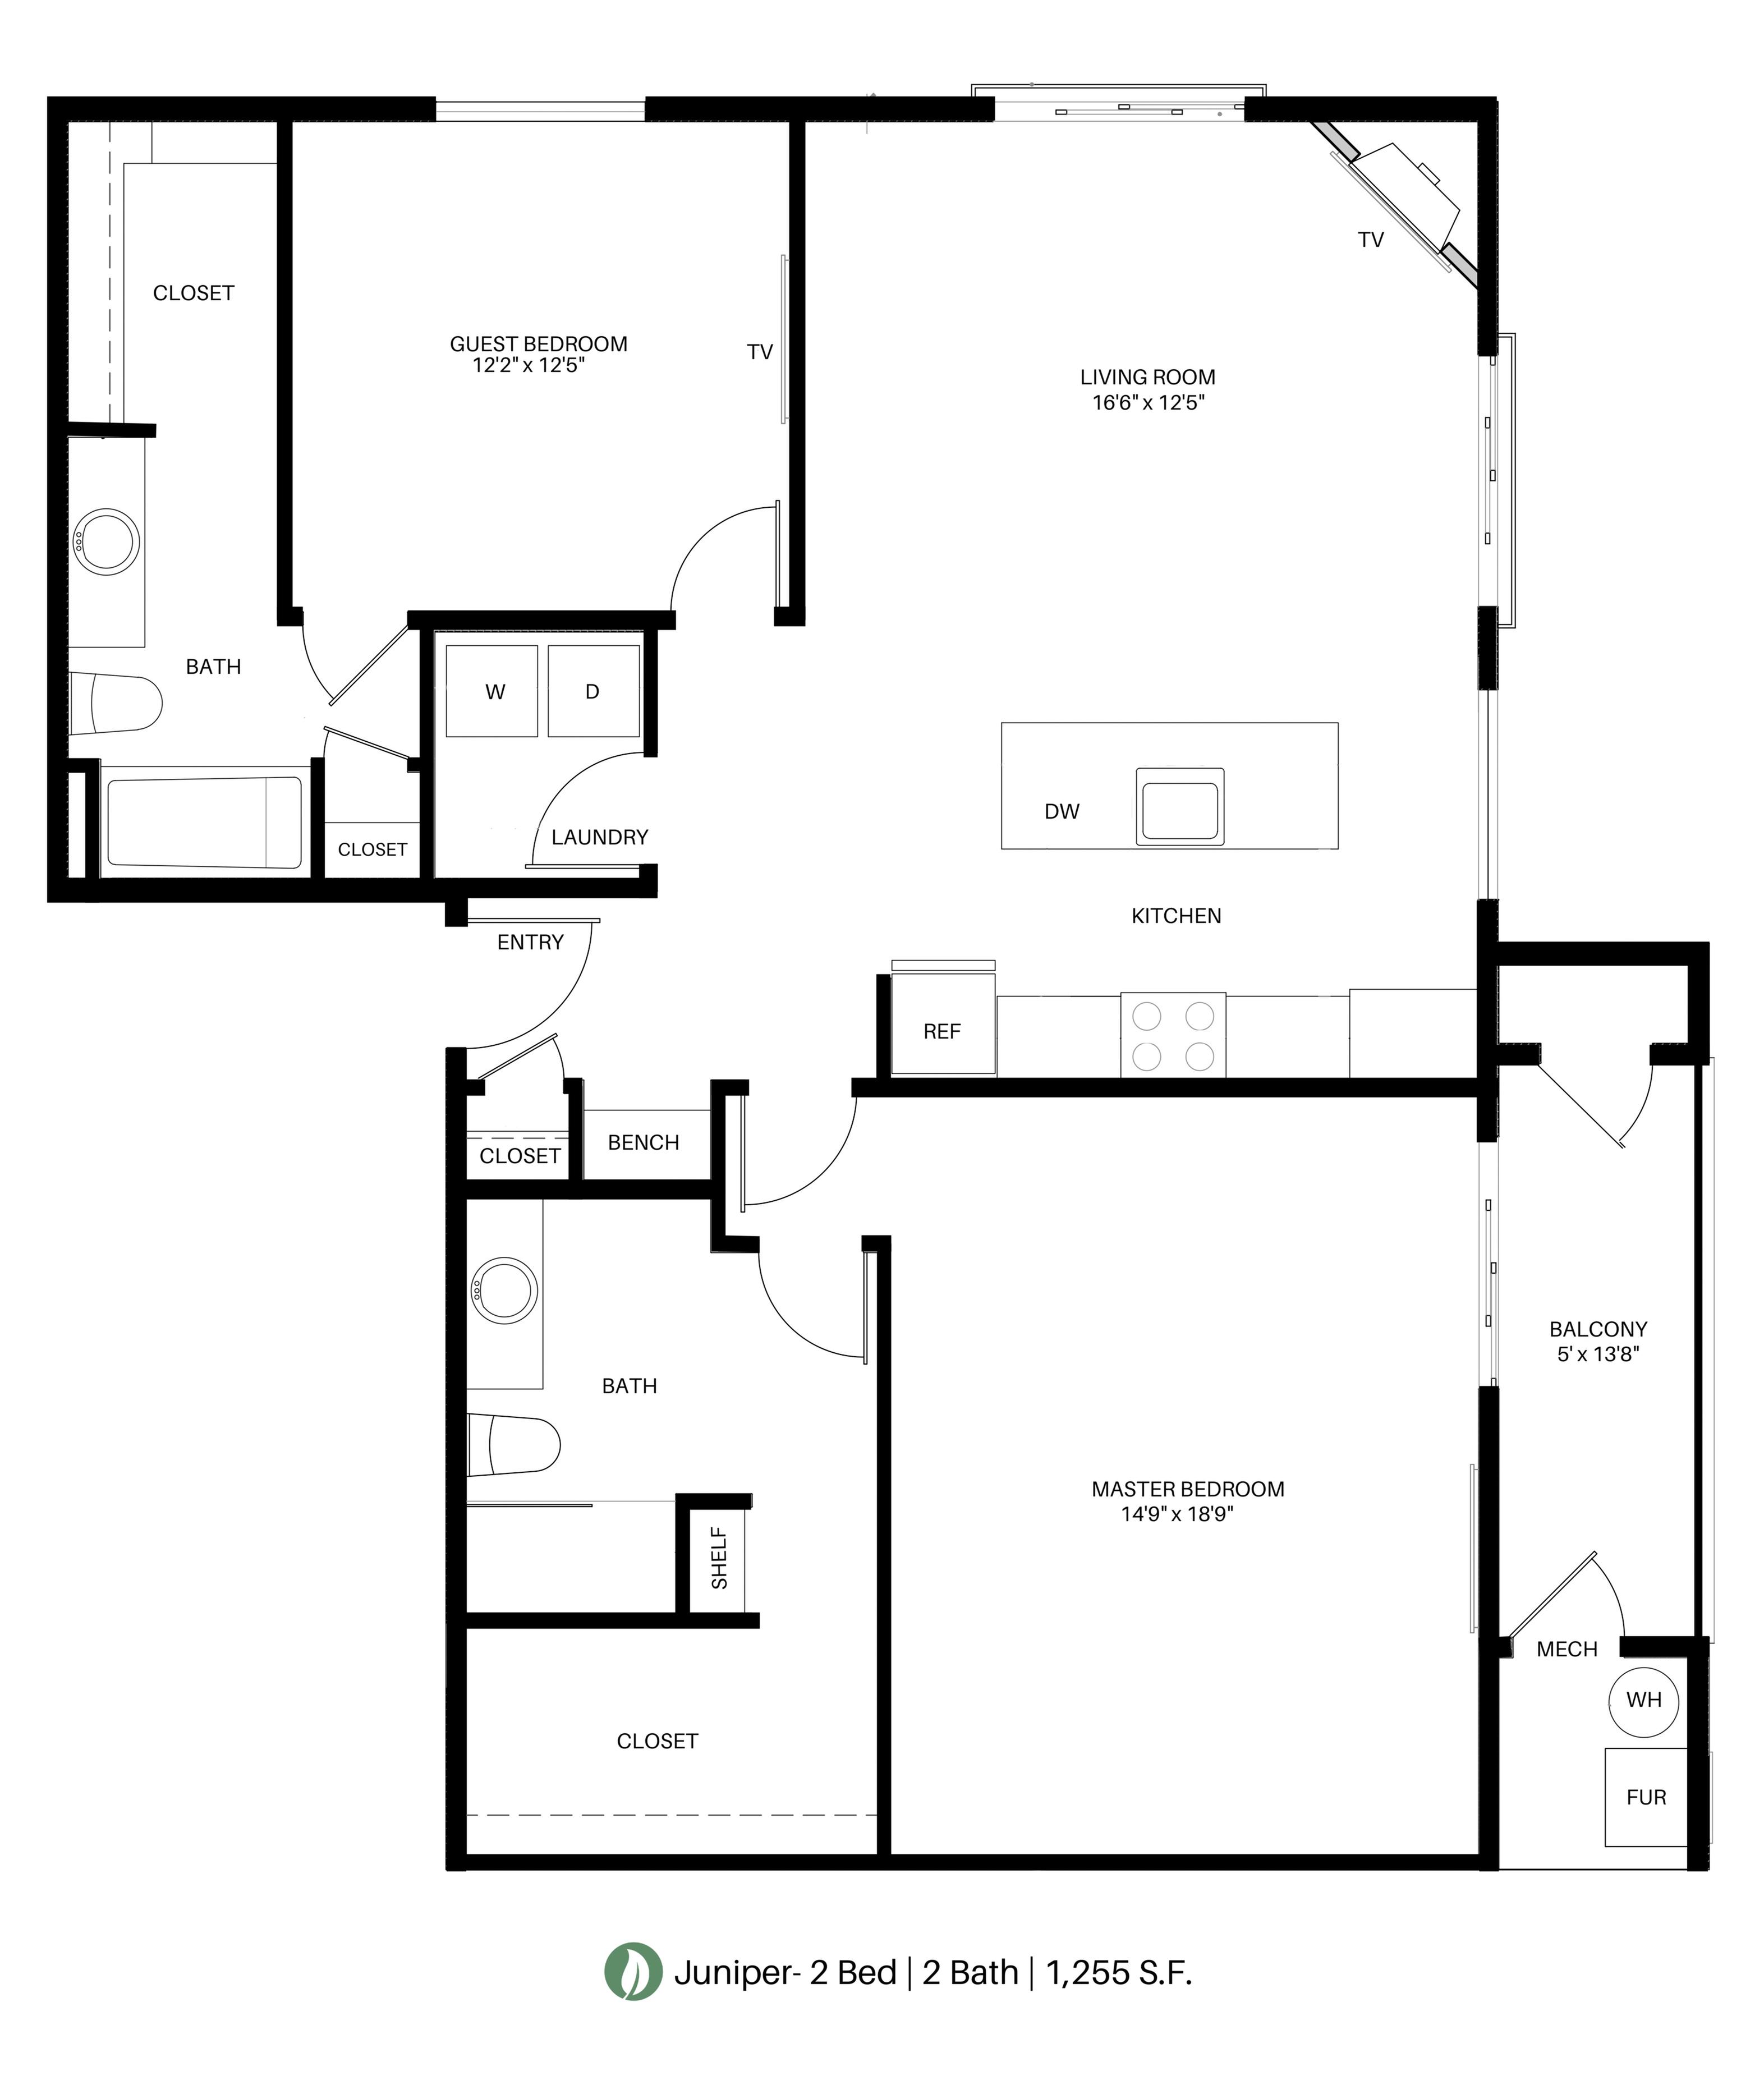 The Juniper Floor Plan Layout